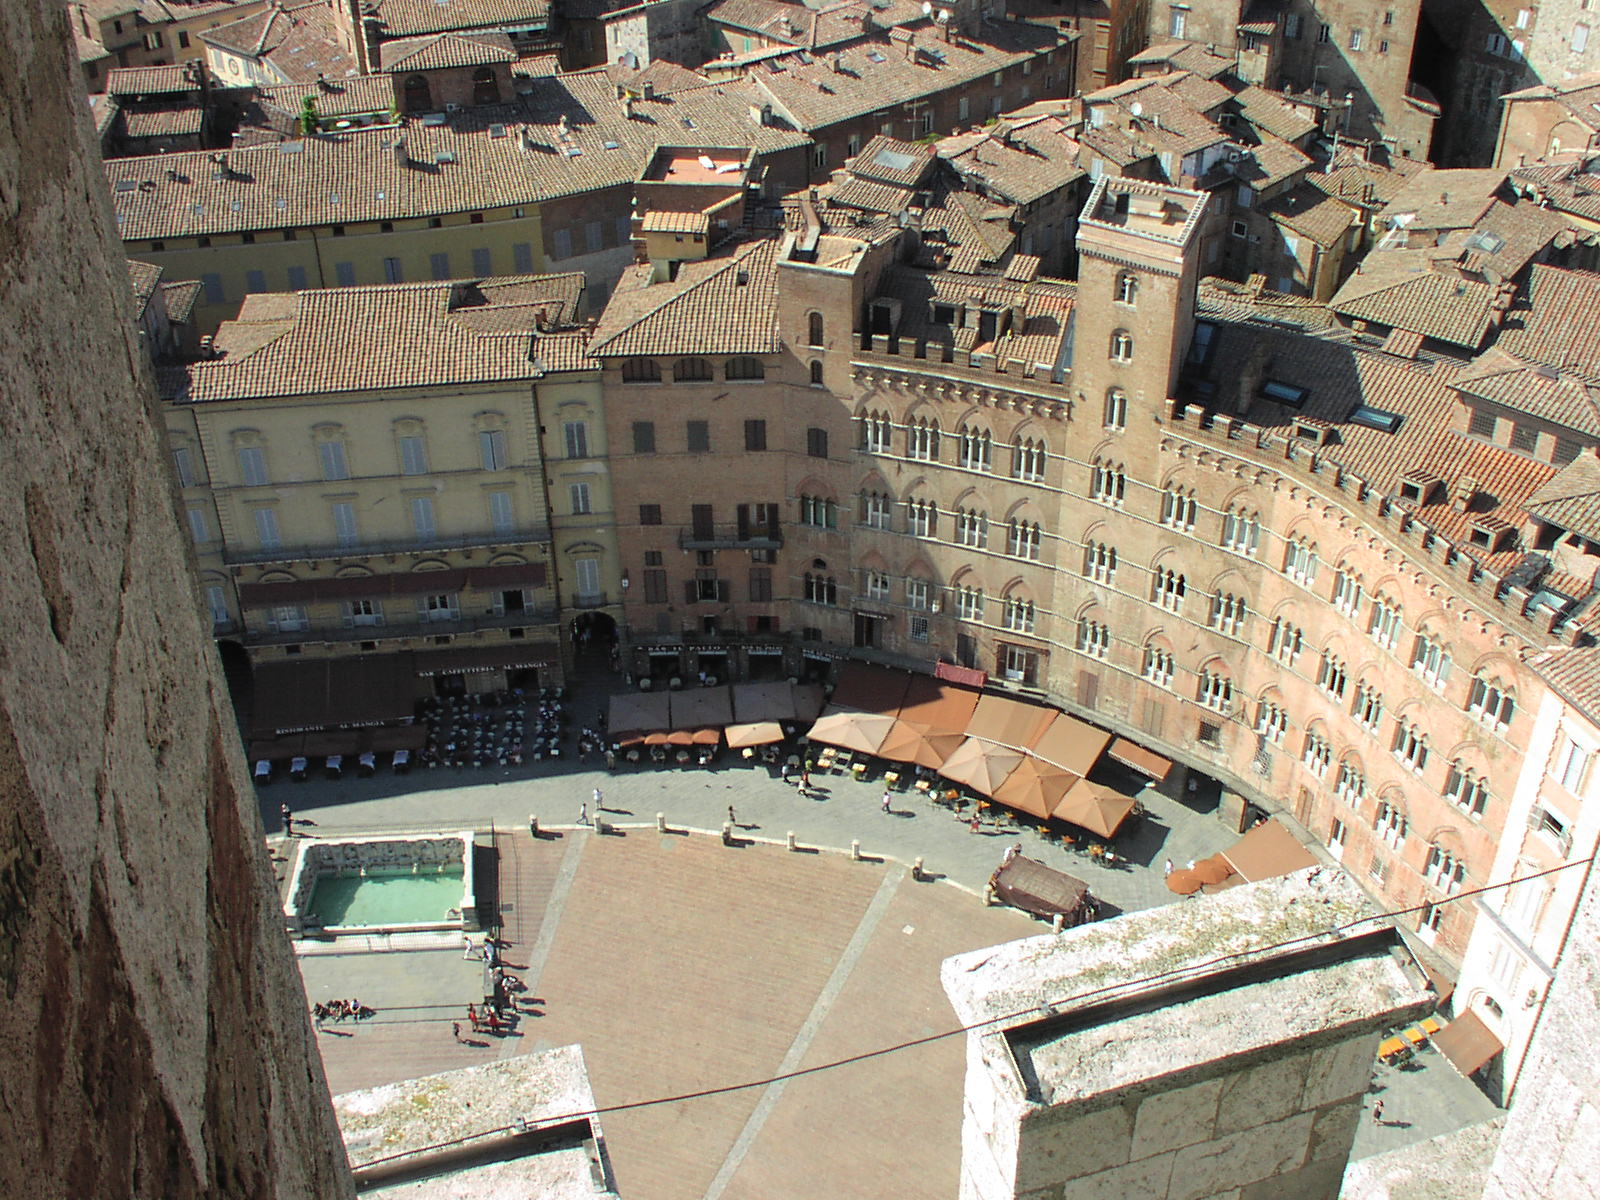 Siena-piazza del campo.jpg